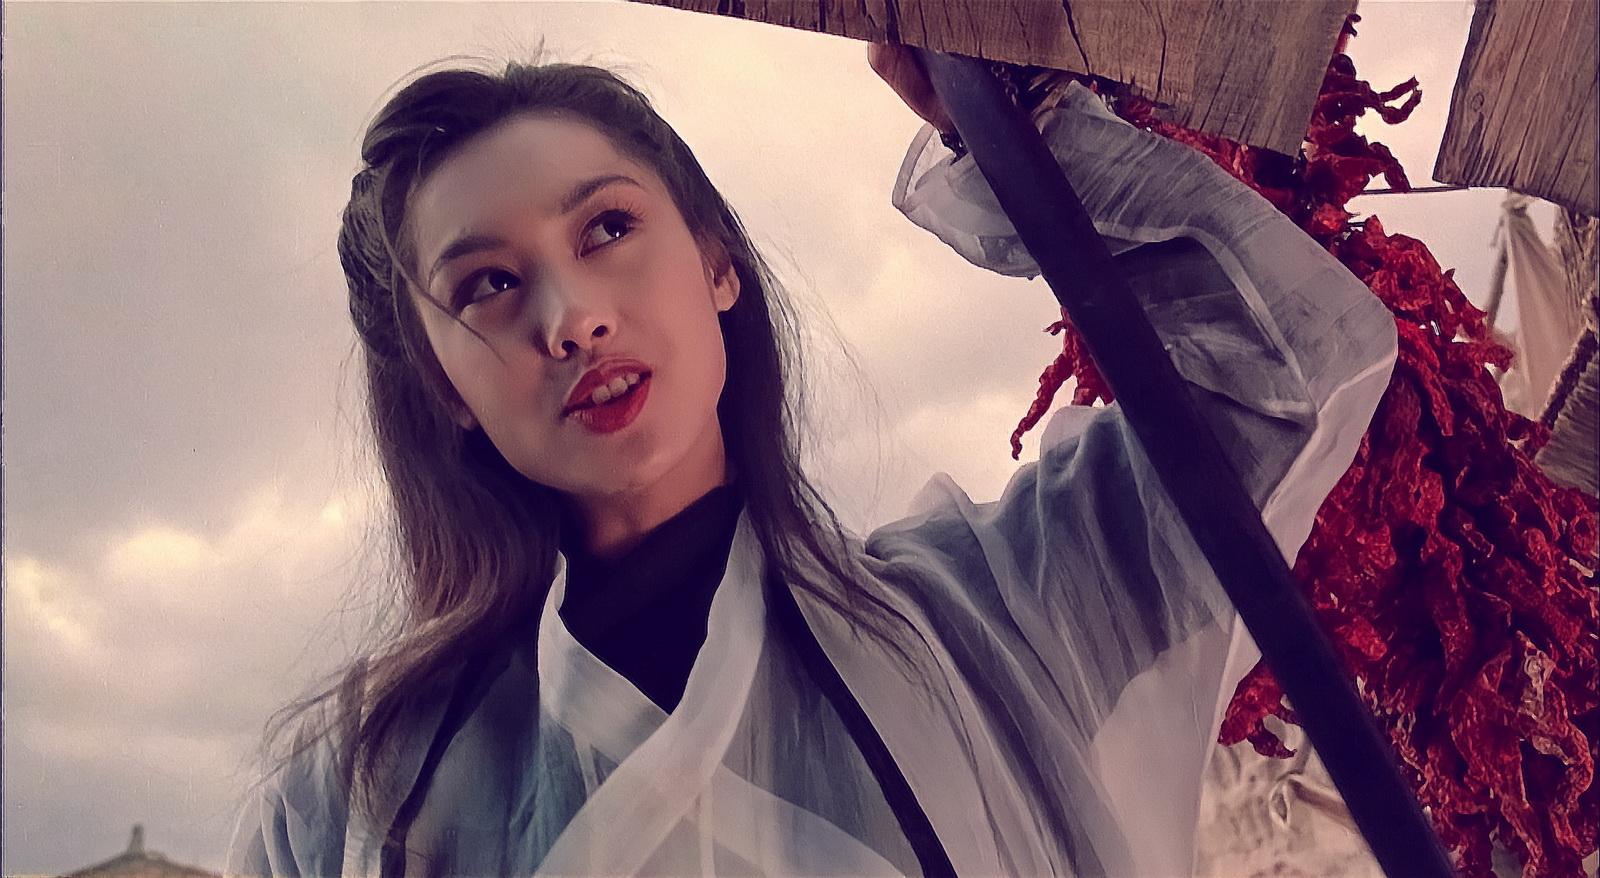 大话西游-紫霞仙子高清截图(推荐收藏)